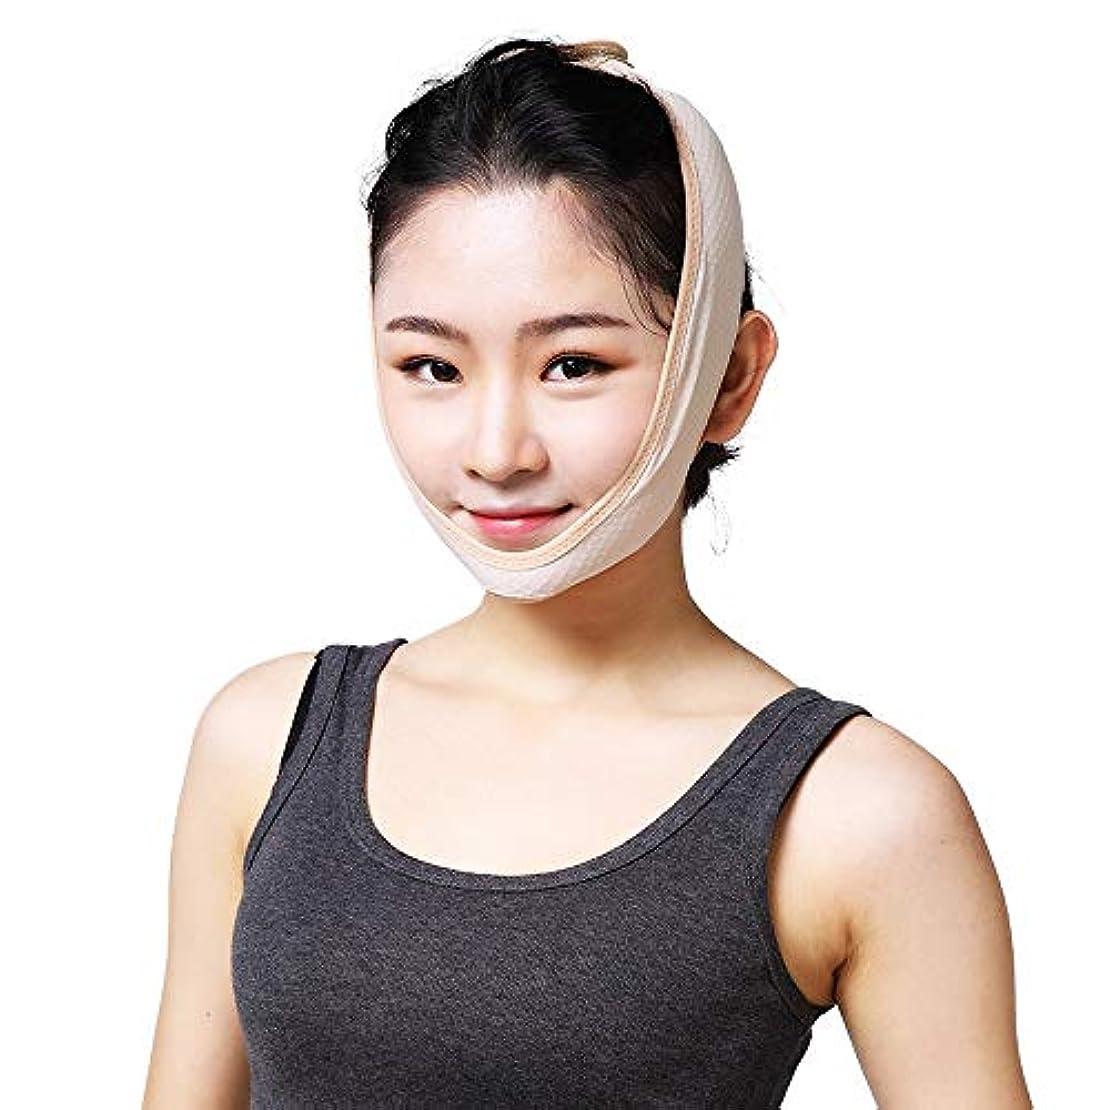 特定の蒸発する然とした小さなV顔の薄い顔のベルト、睡眠薄い顔のマスク、タイトな包帯、ダブル顎のリフター